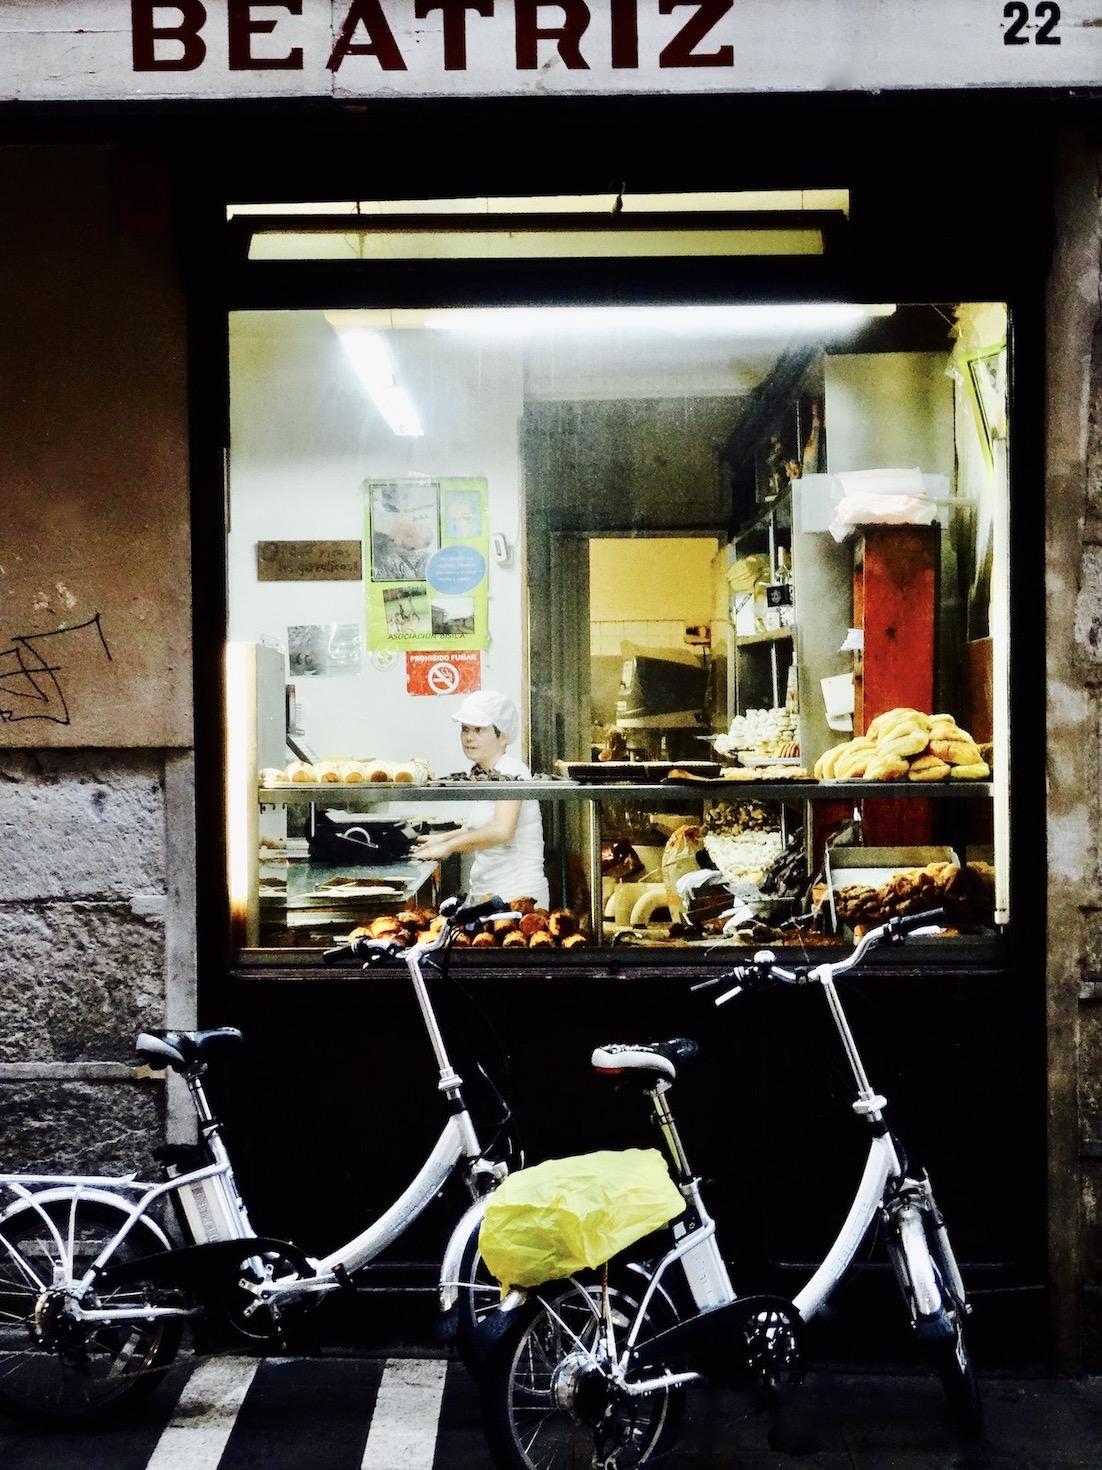 Beatriz Bakery Pamplona Spain.